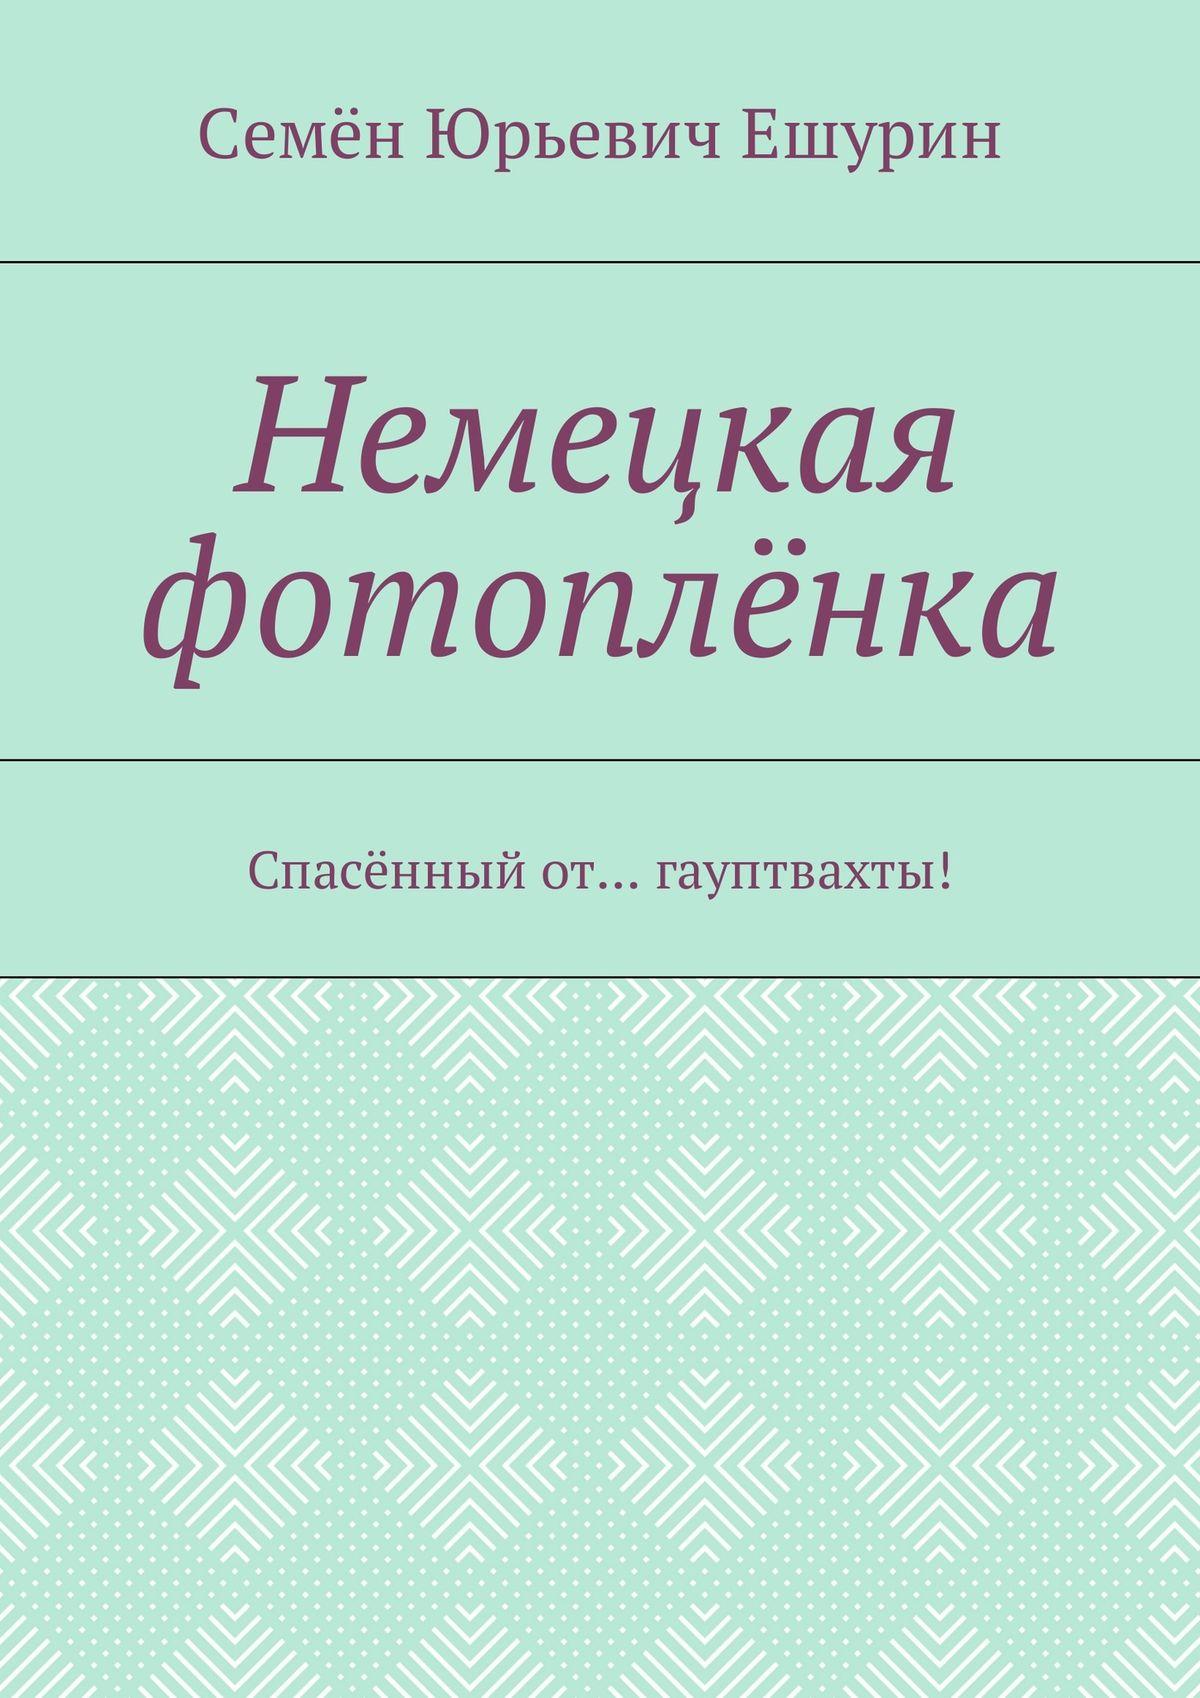 Семён Юрьевич Ешурин Немецкая фотоплёнка. Спасённый от… гауптвахты!